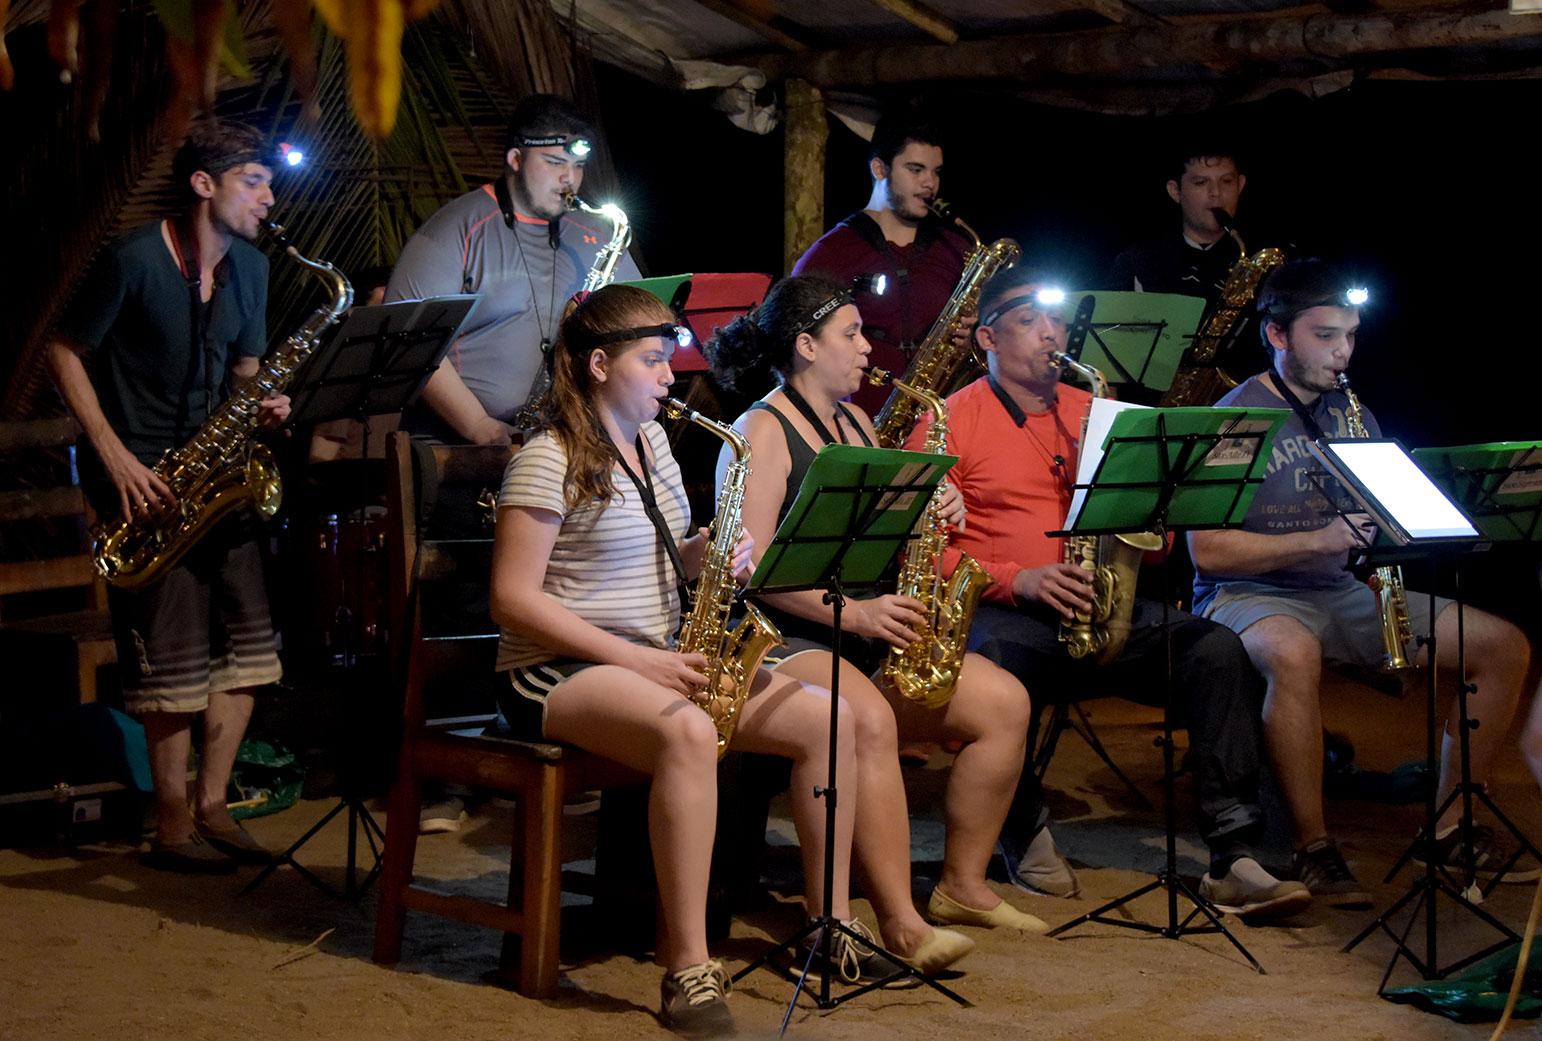 Concierto del Ensamble de Saxofones A de la UCR en playa Las Caletas en la Península de Osa, el 17 de febrero de 2018.